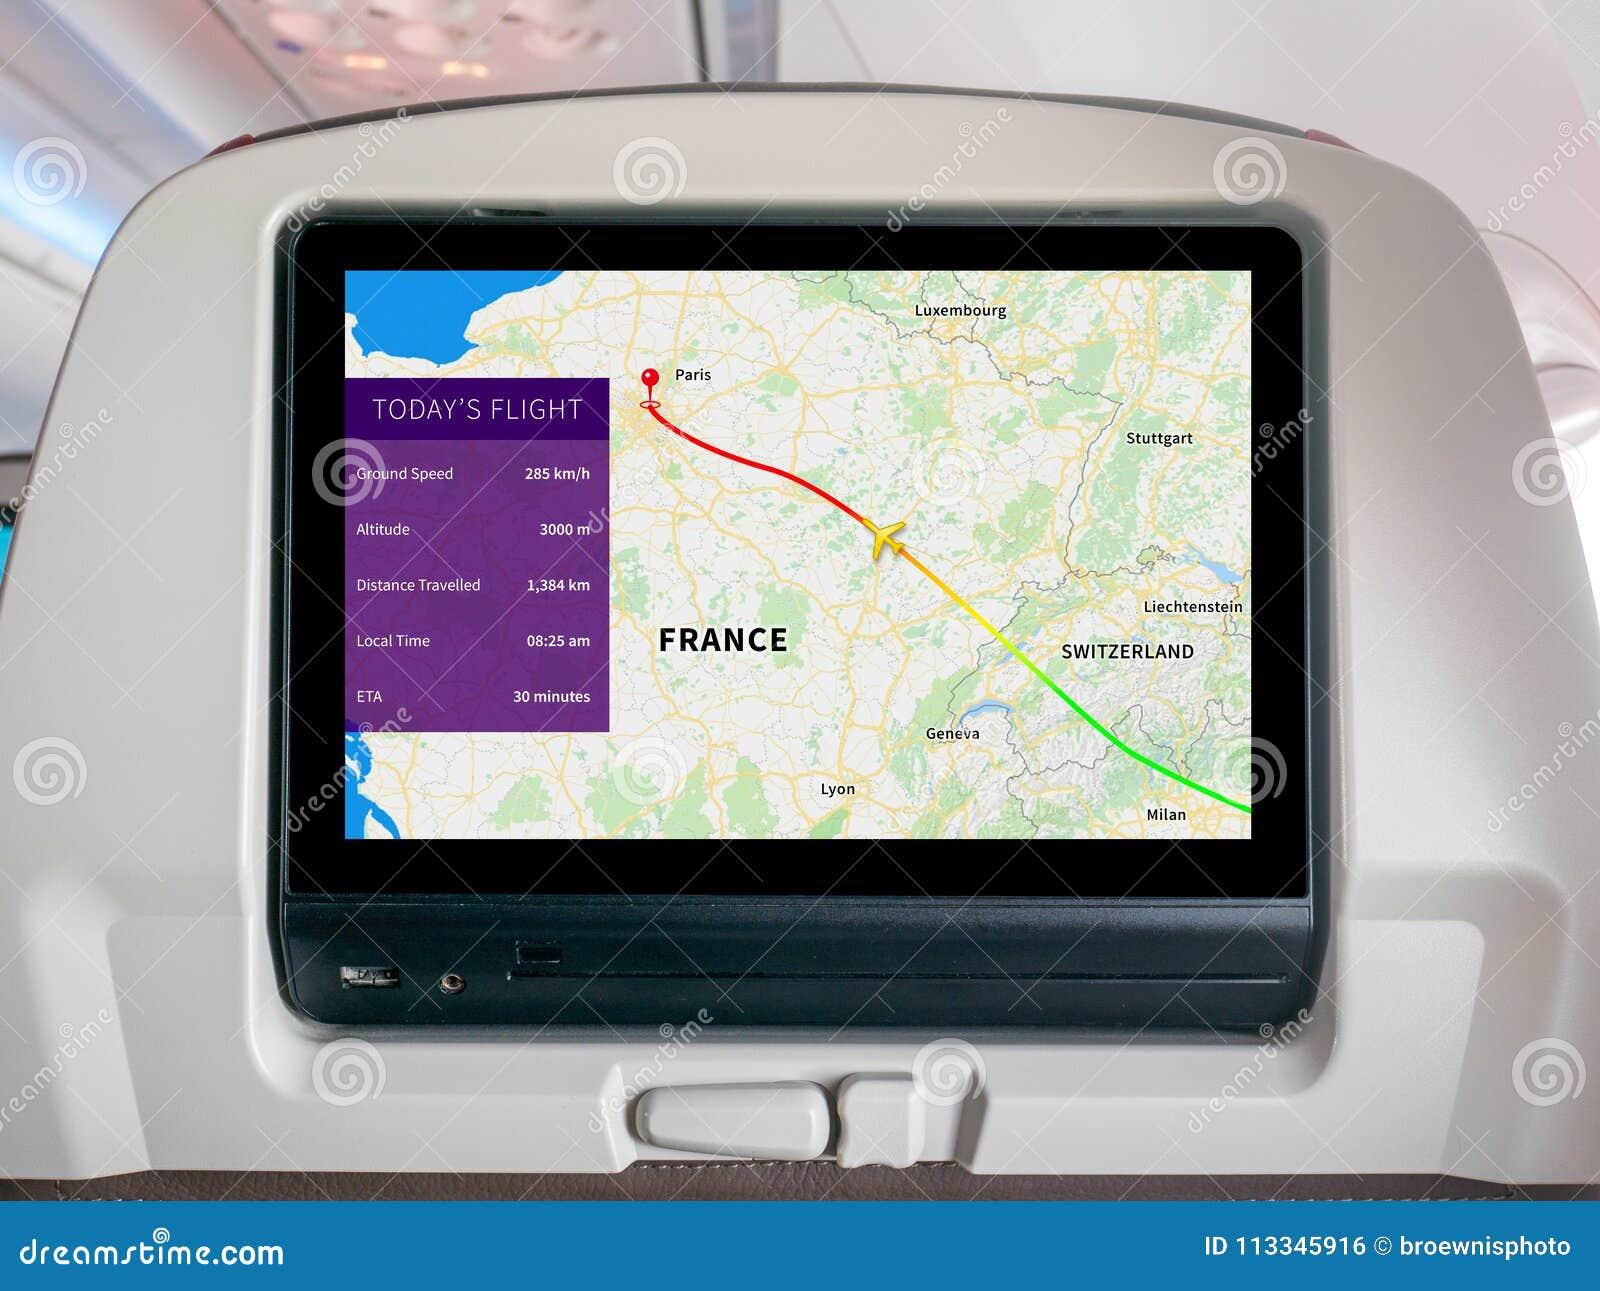 Pantalla de aviones del mapa del progreso, pantalla de aviones del mapa, pantalla del vuelo, perseguidor del vuelo